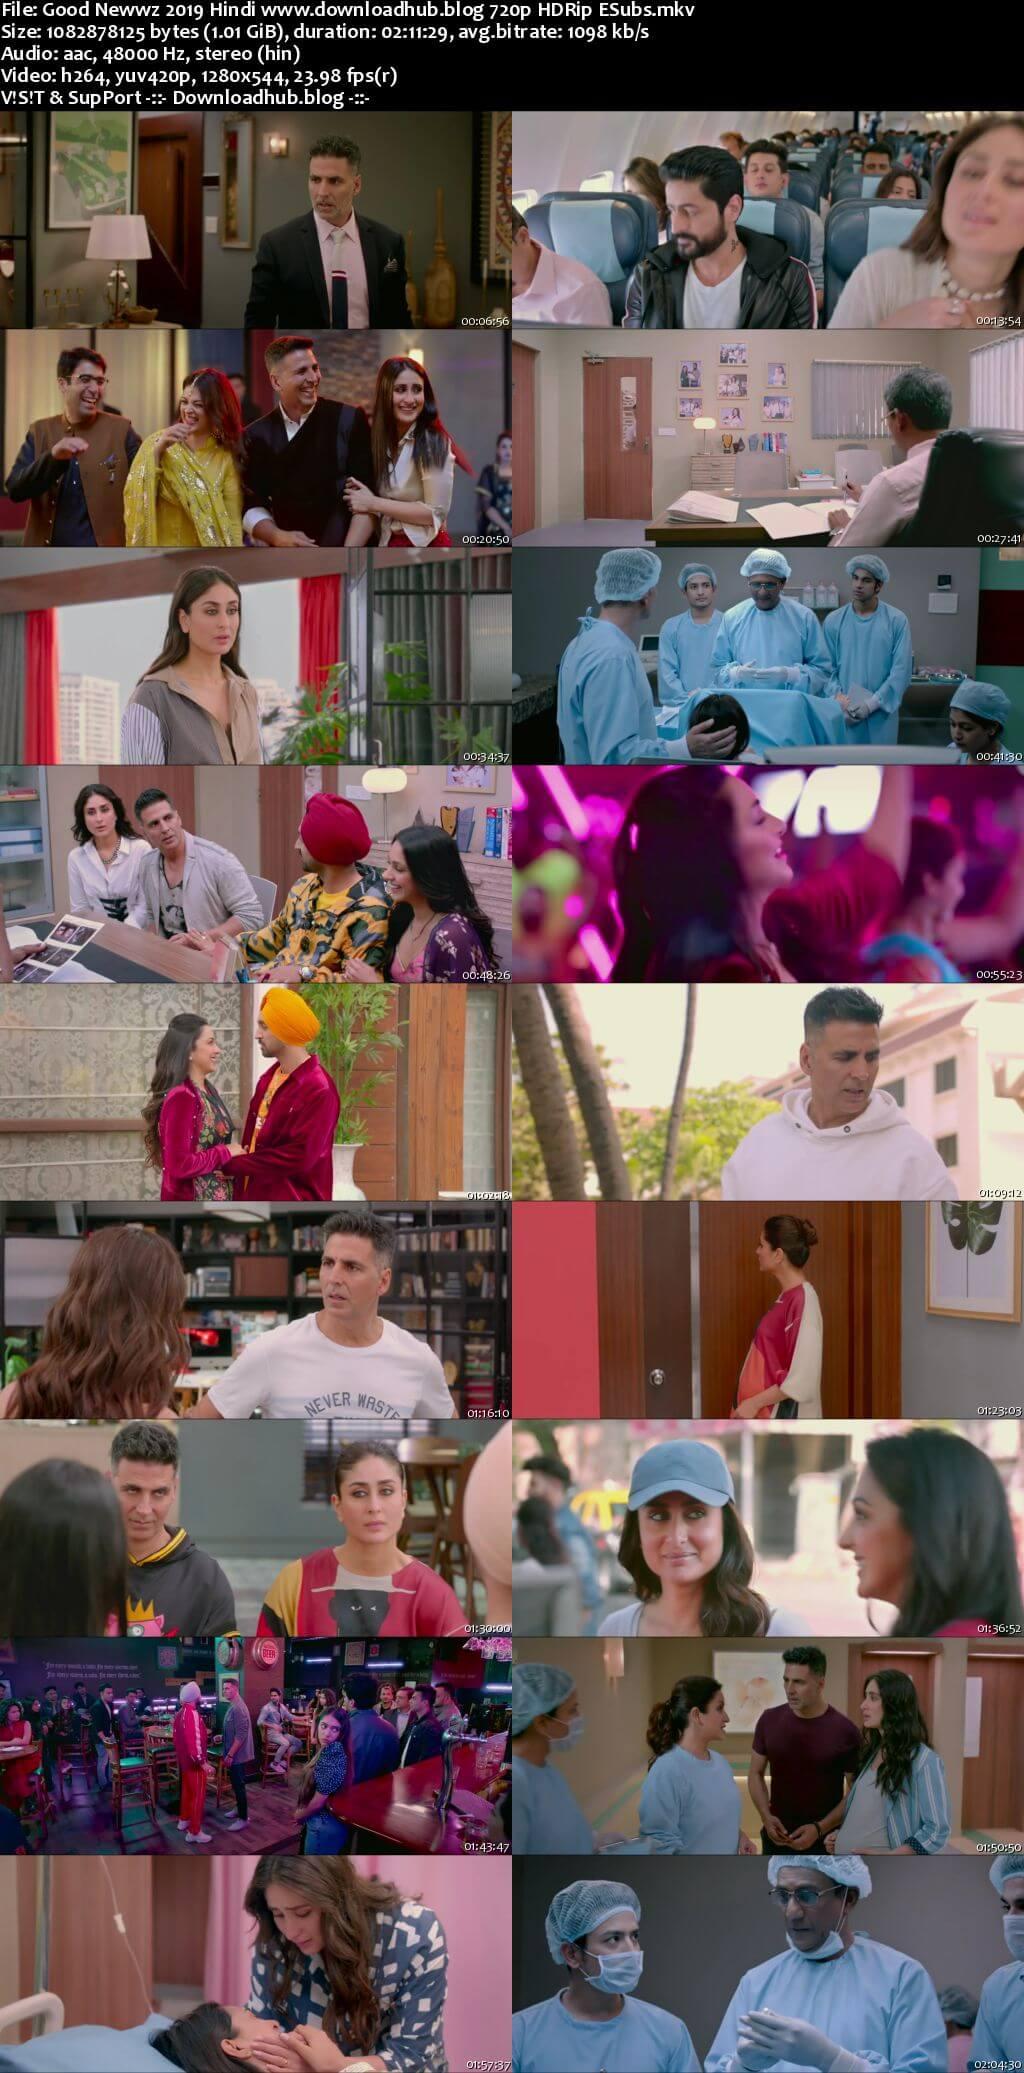 Good Newwz 2019 Hindi 720p HDRip ESubs